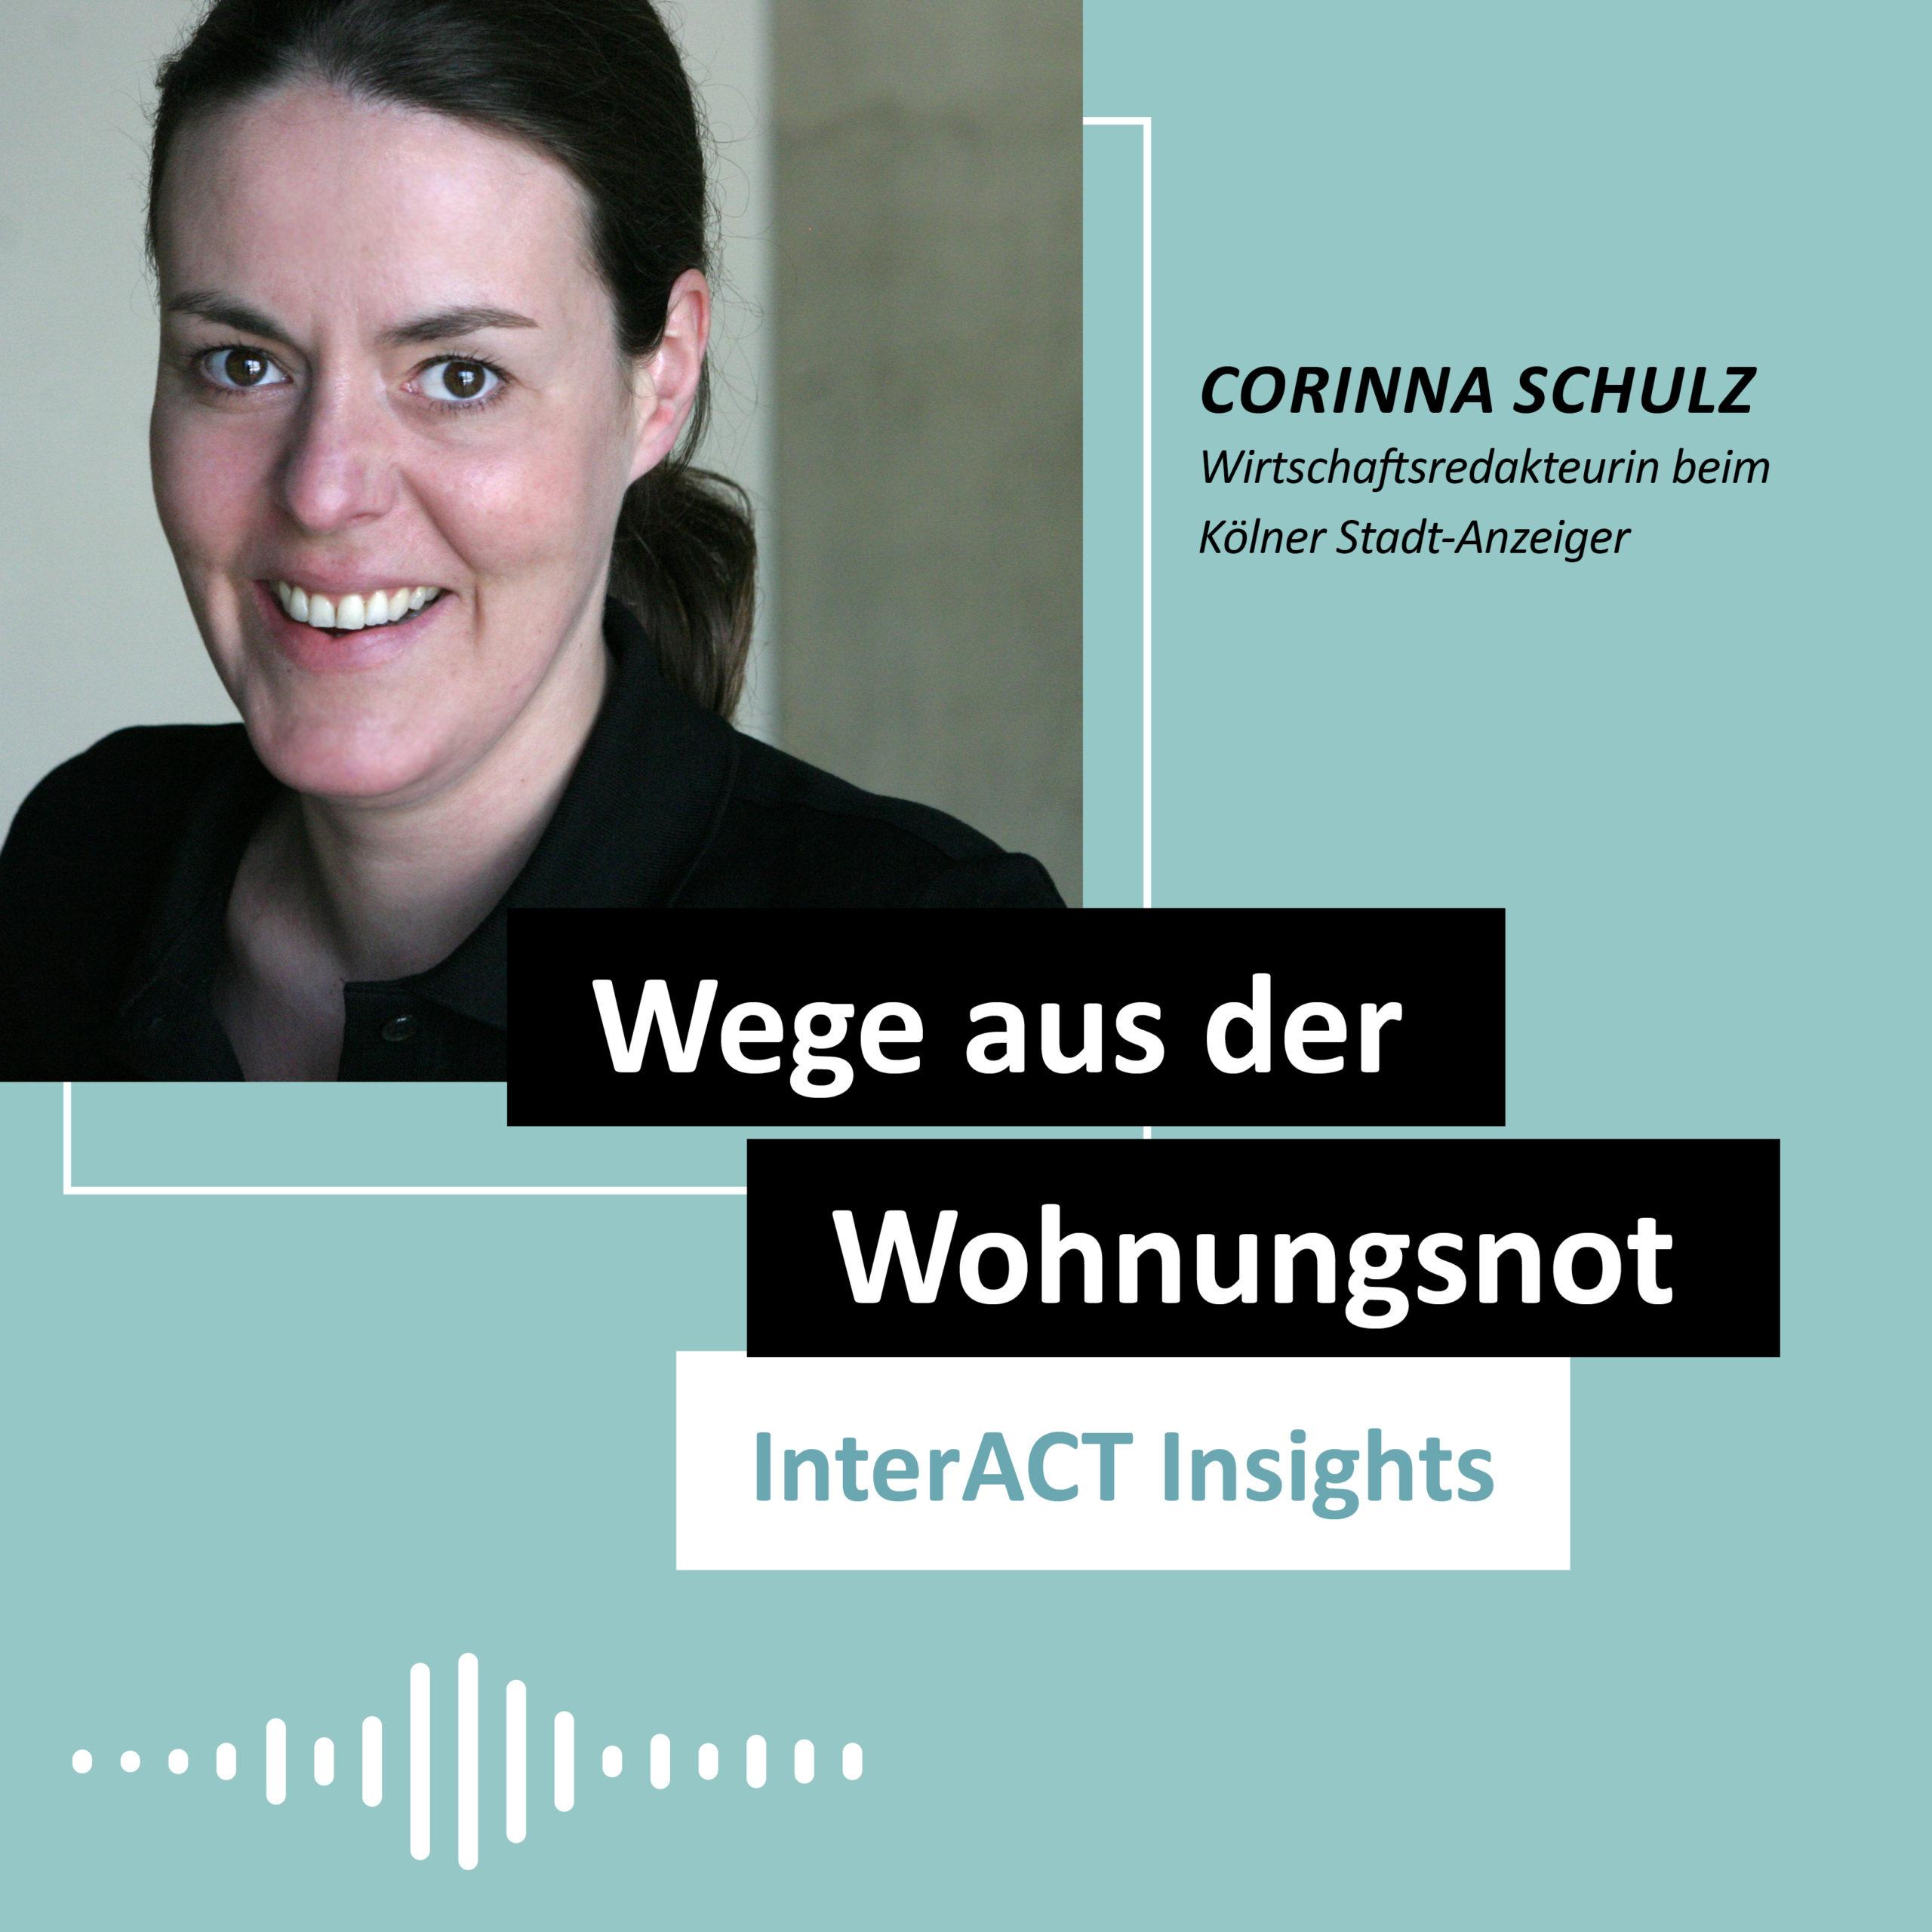 Corinna Schulz